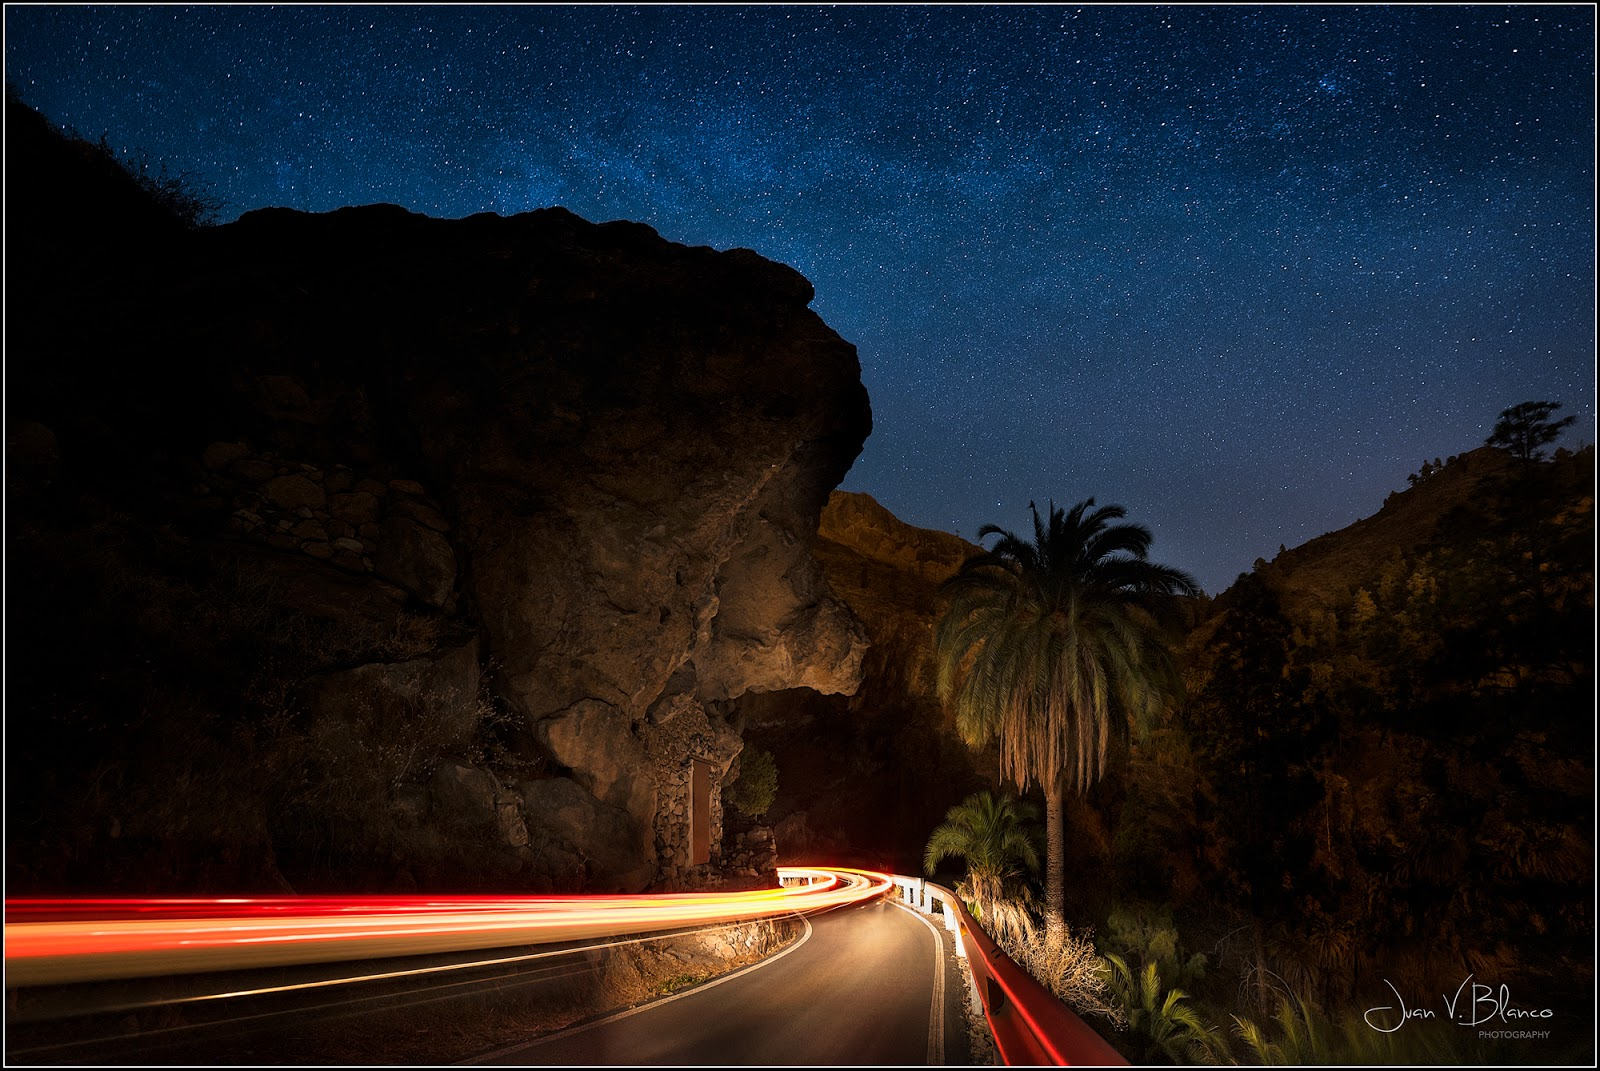 Juan V. Blanco - Fotografías: Camino a la oscuridad